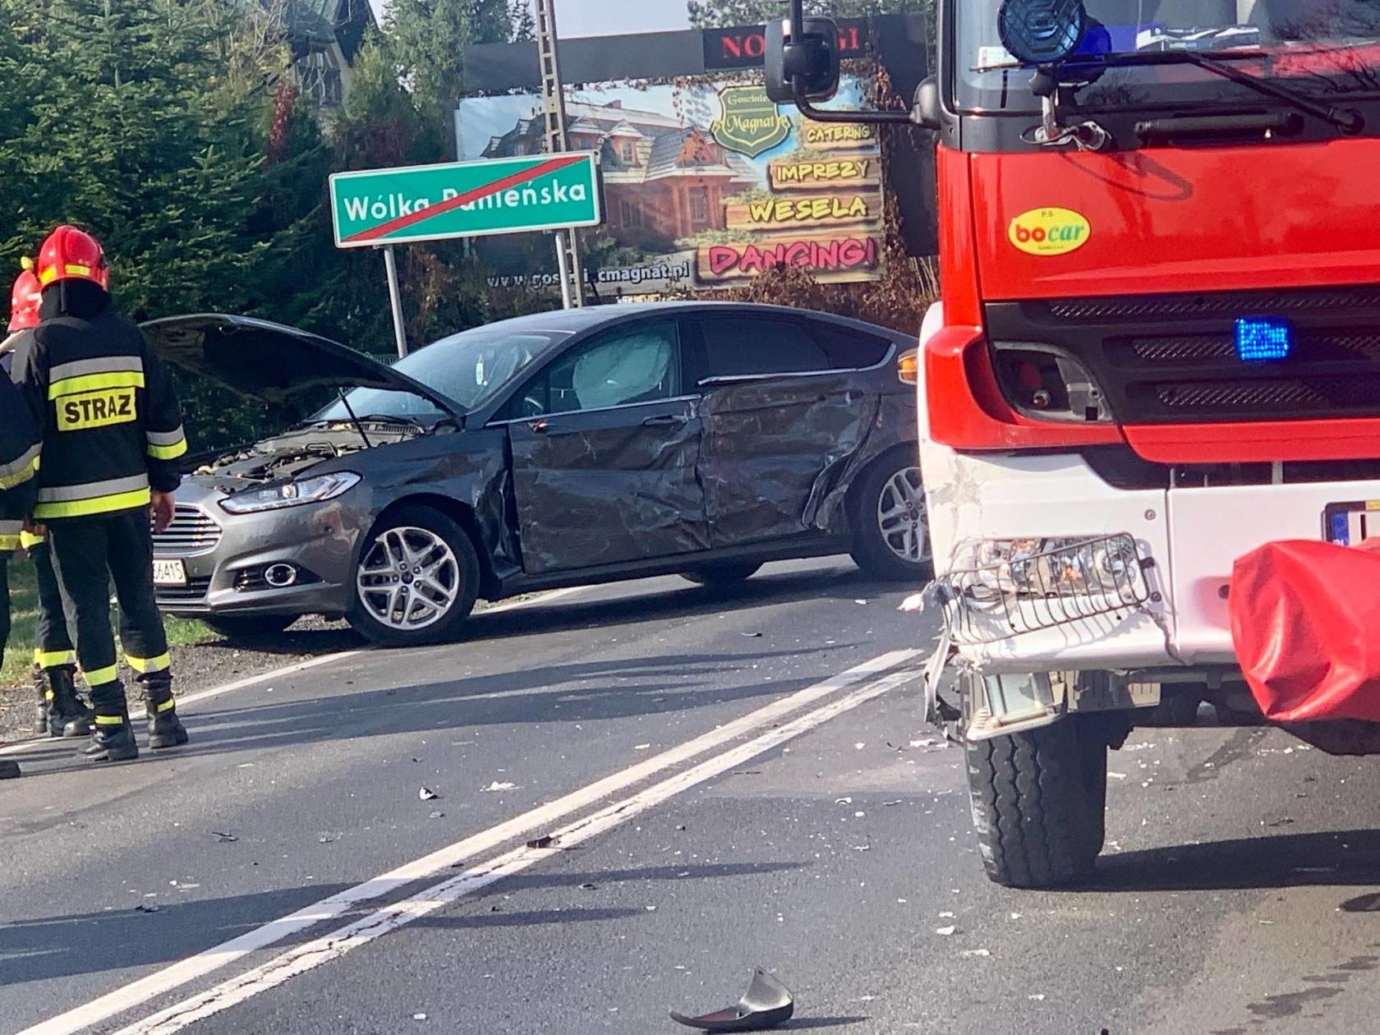 73513563 429026367749872 1183908976387948544 n Kalinowice: Wypadek na DK nr 17. Wóz strażacki zderzył się z osobówką